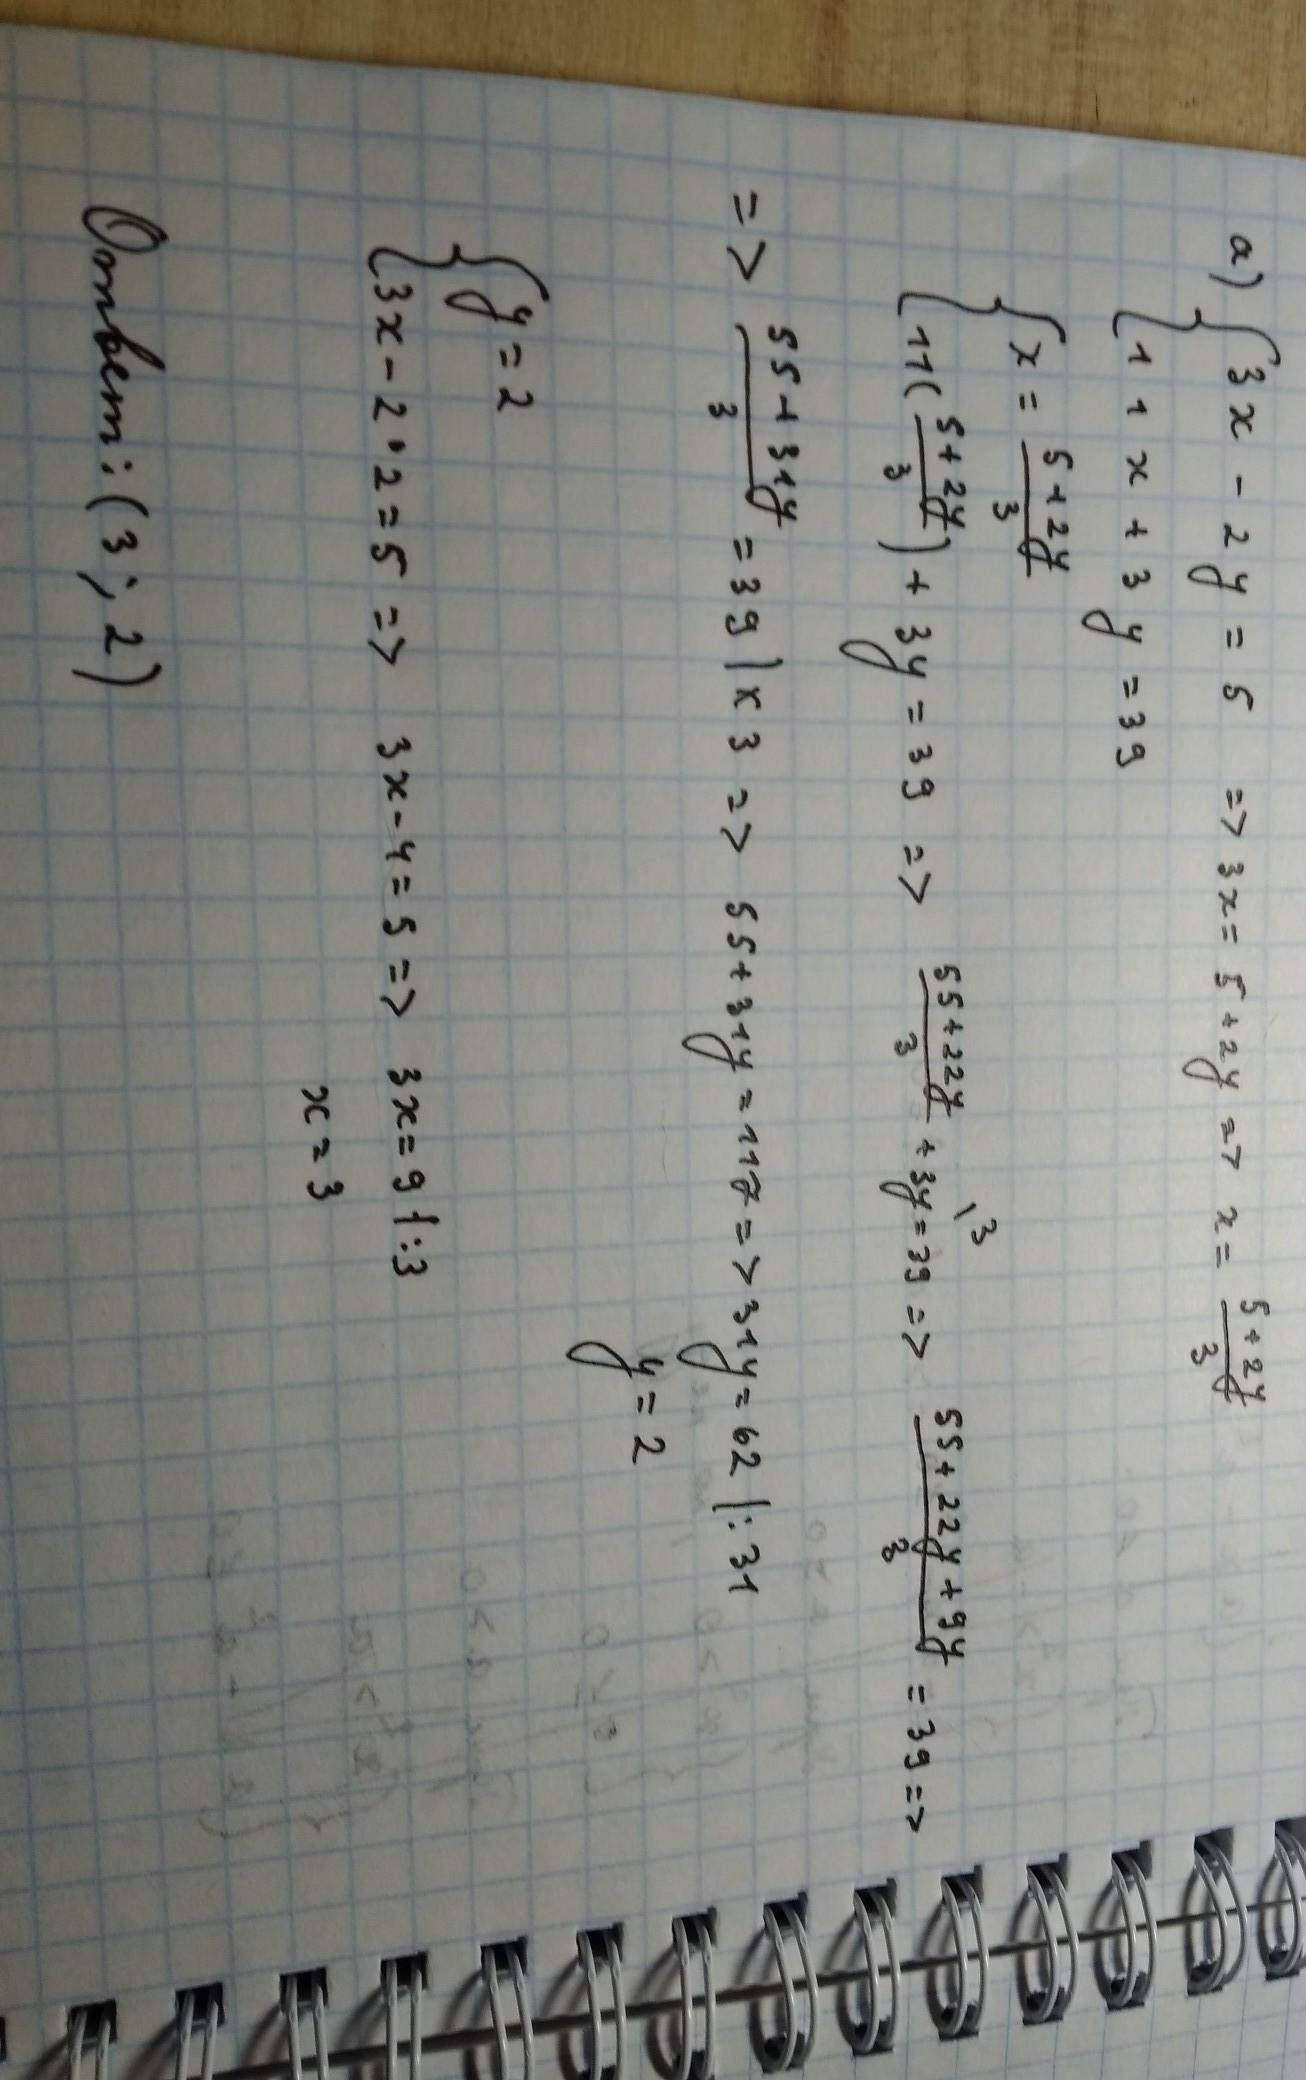 7 класс, алгебра. Помогите пожалуйста решить